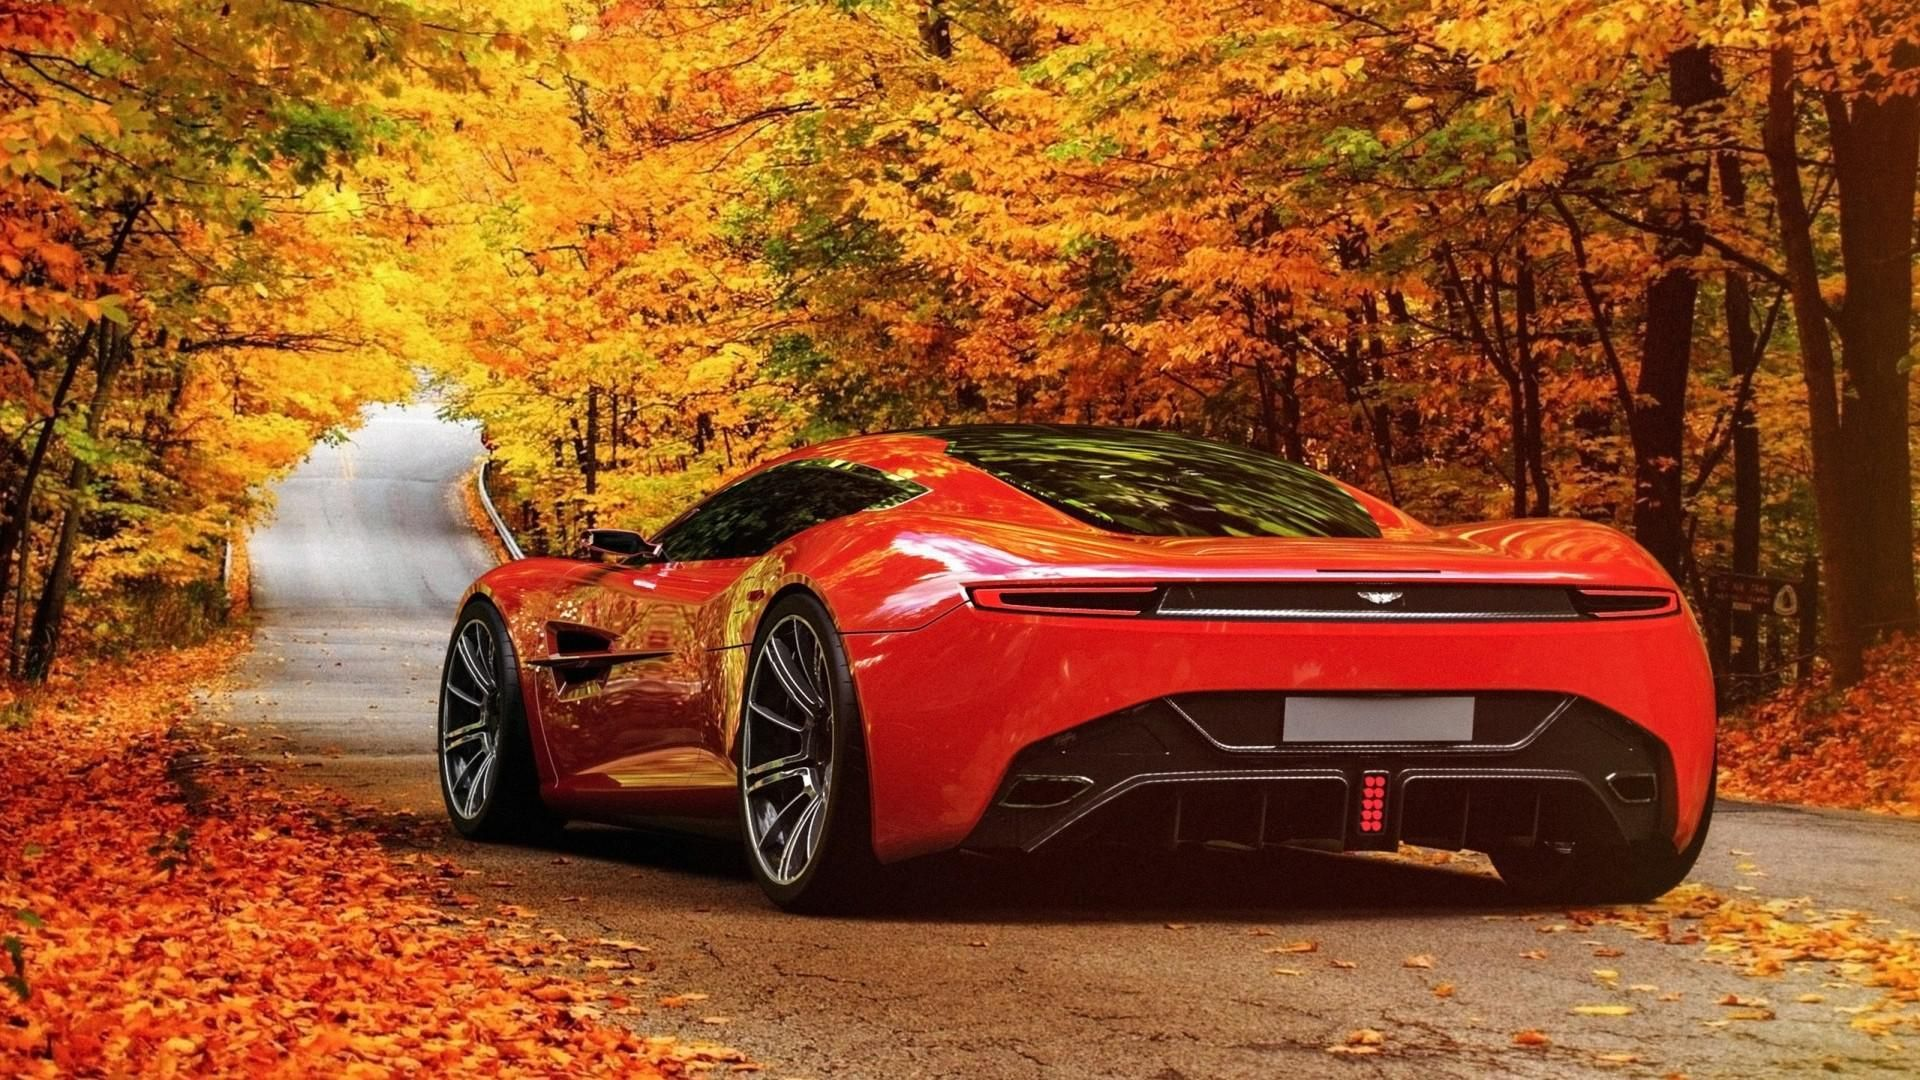 Car Photo 1080p